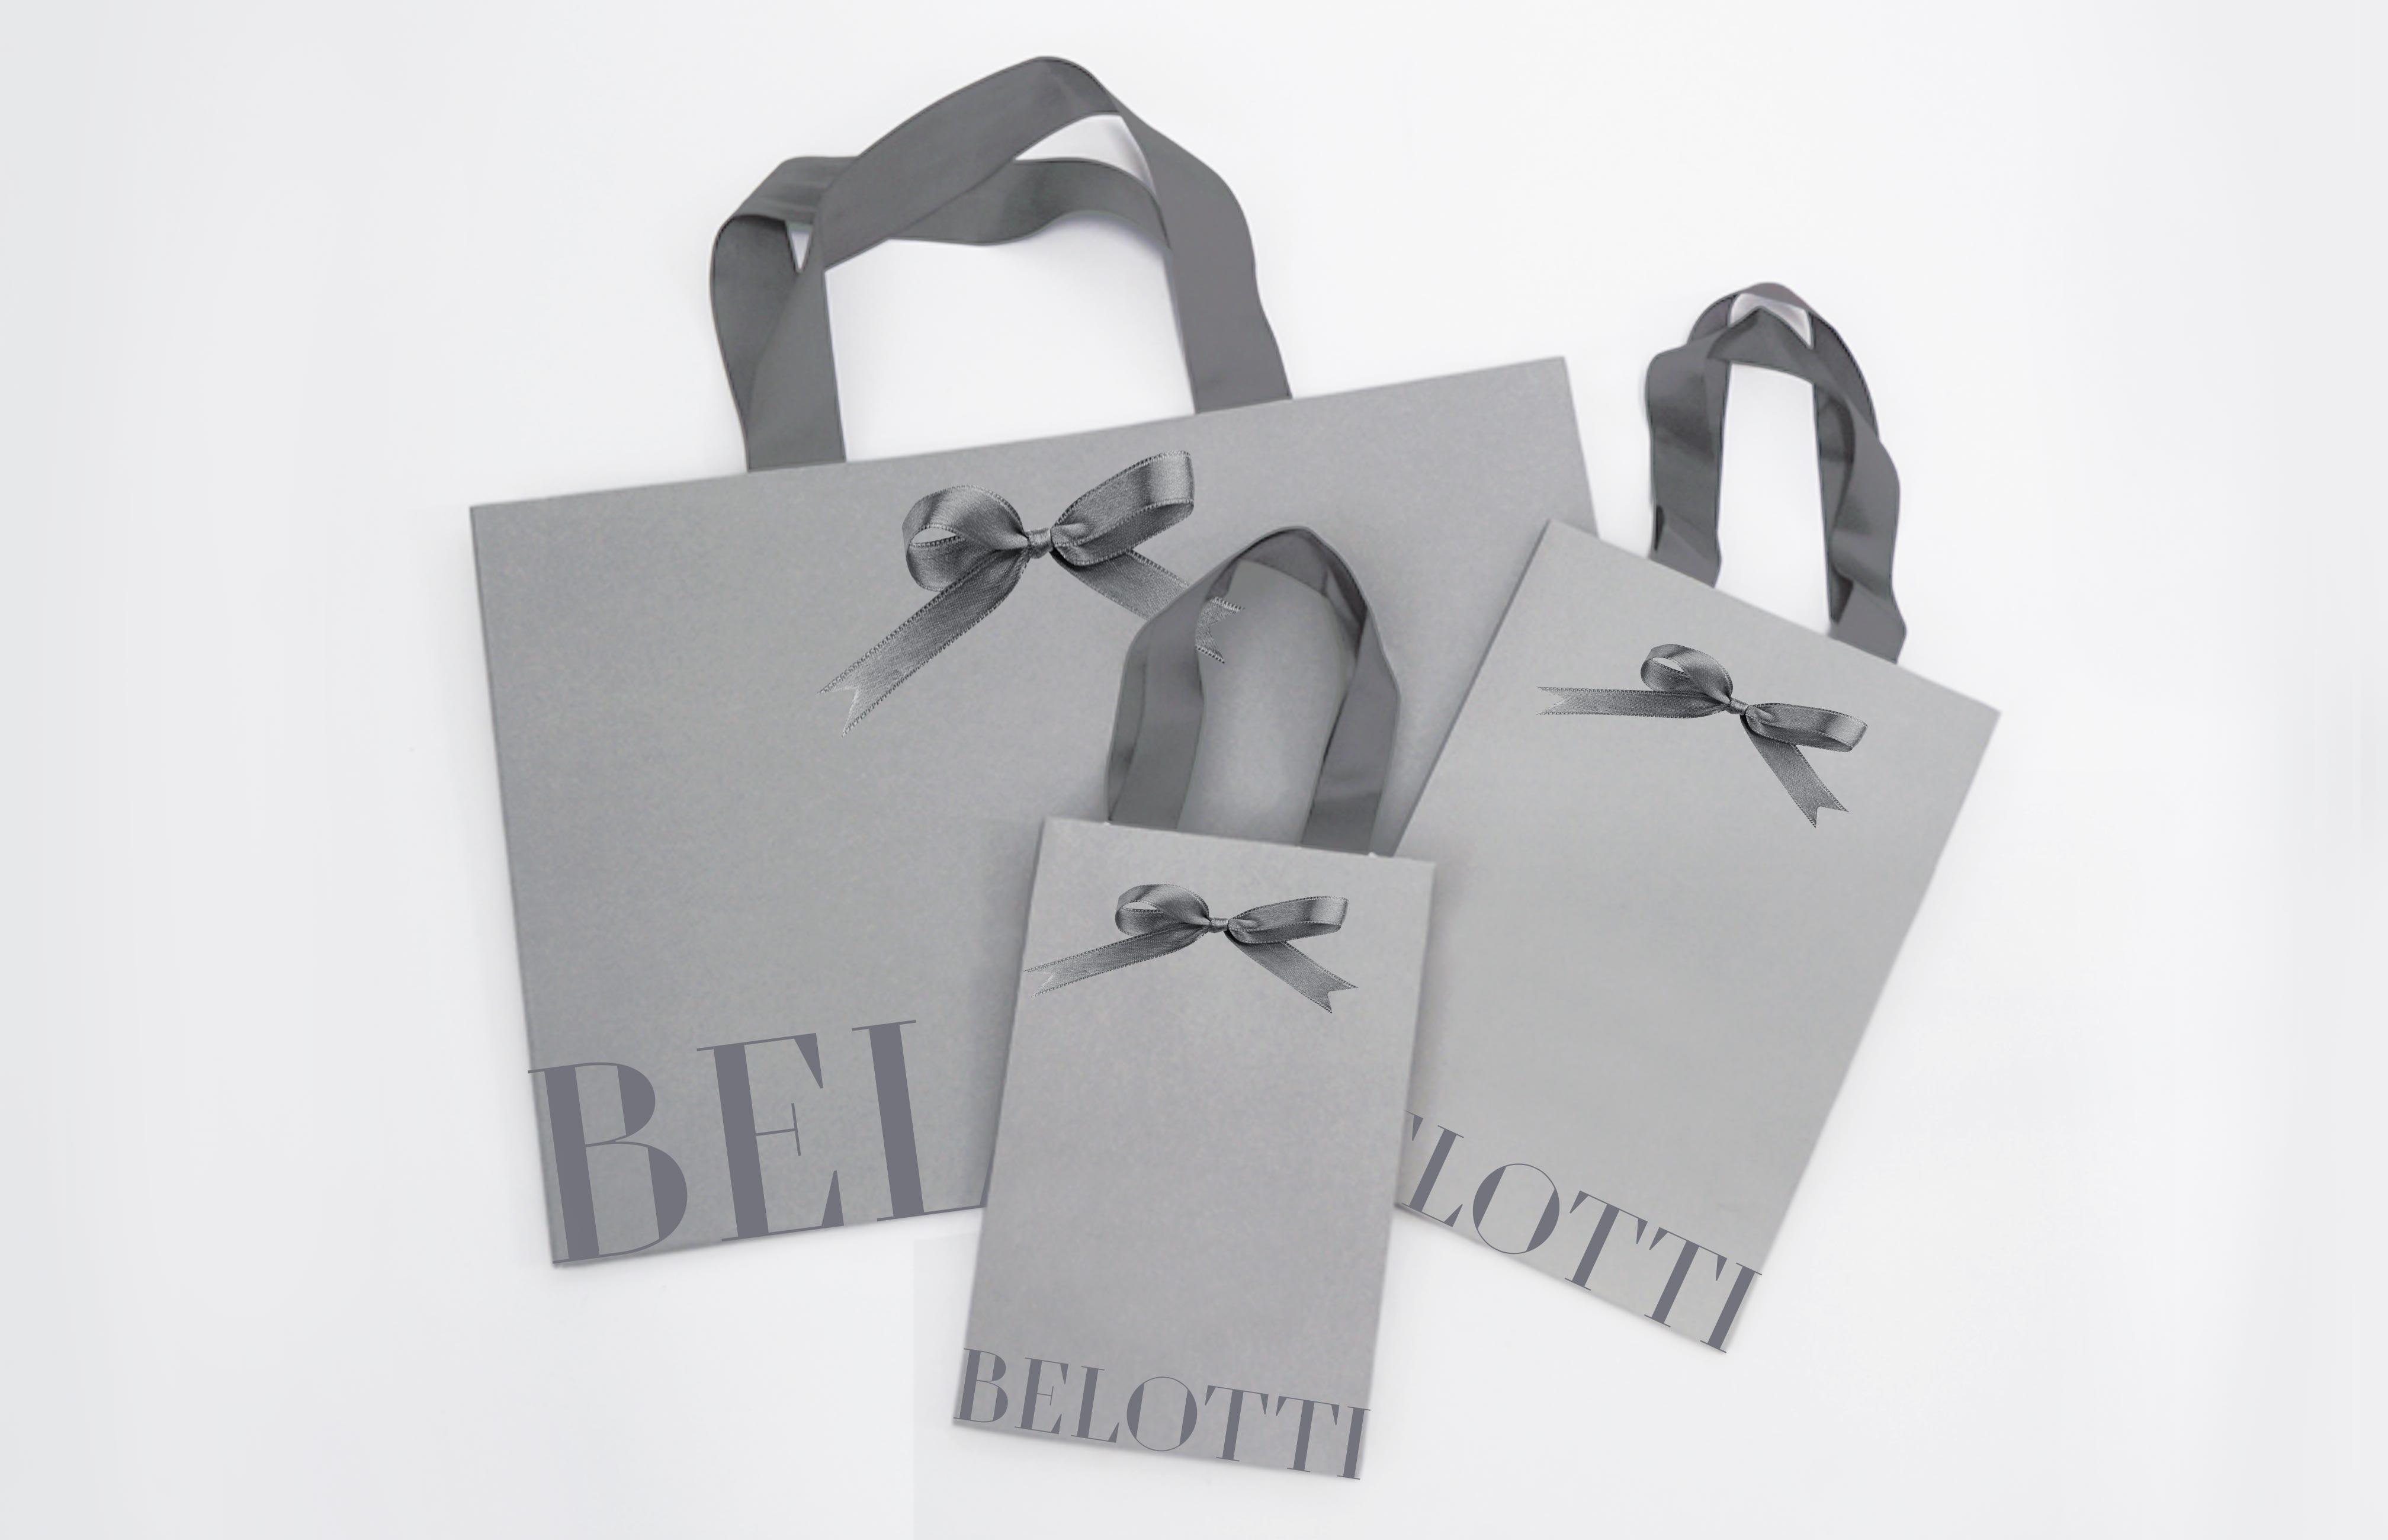 Belotti – Ottica&Gioielleria